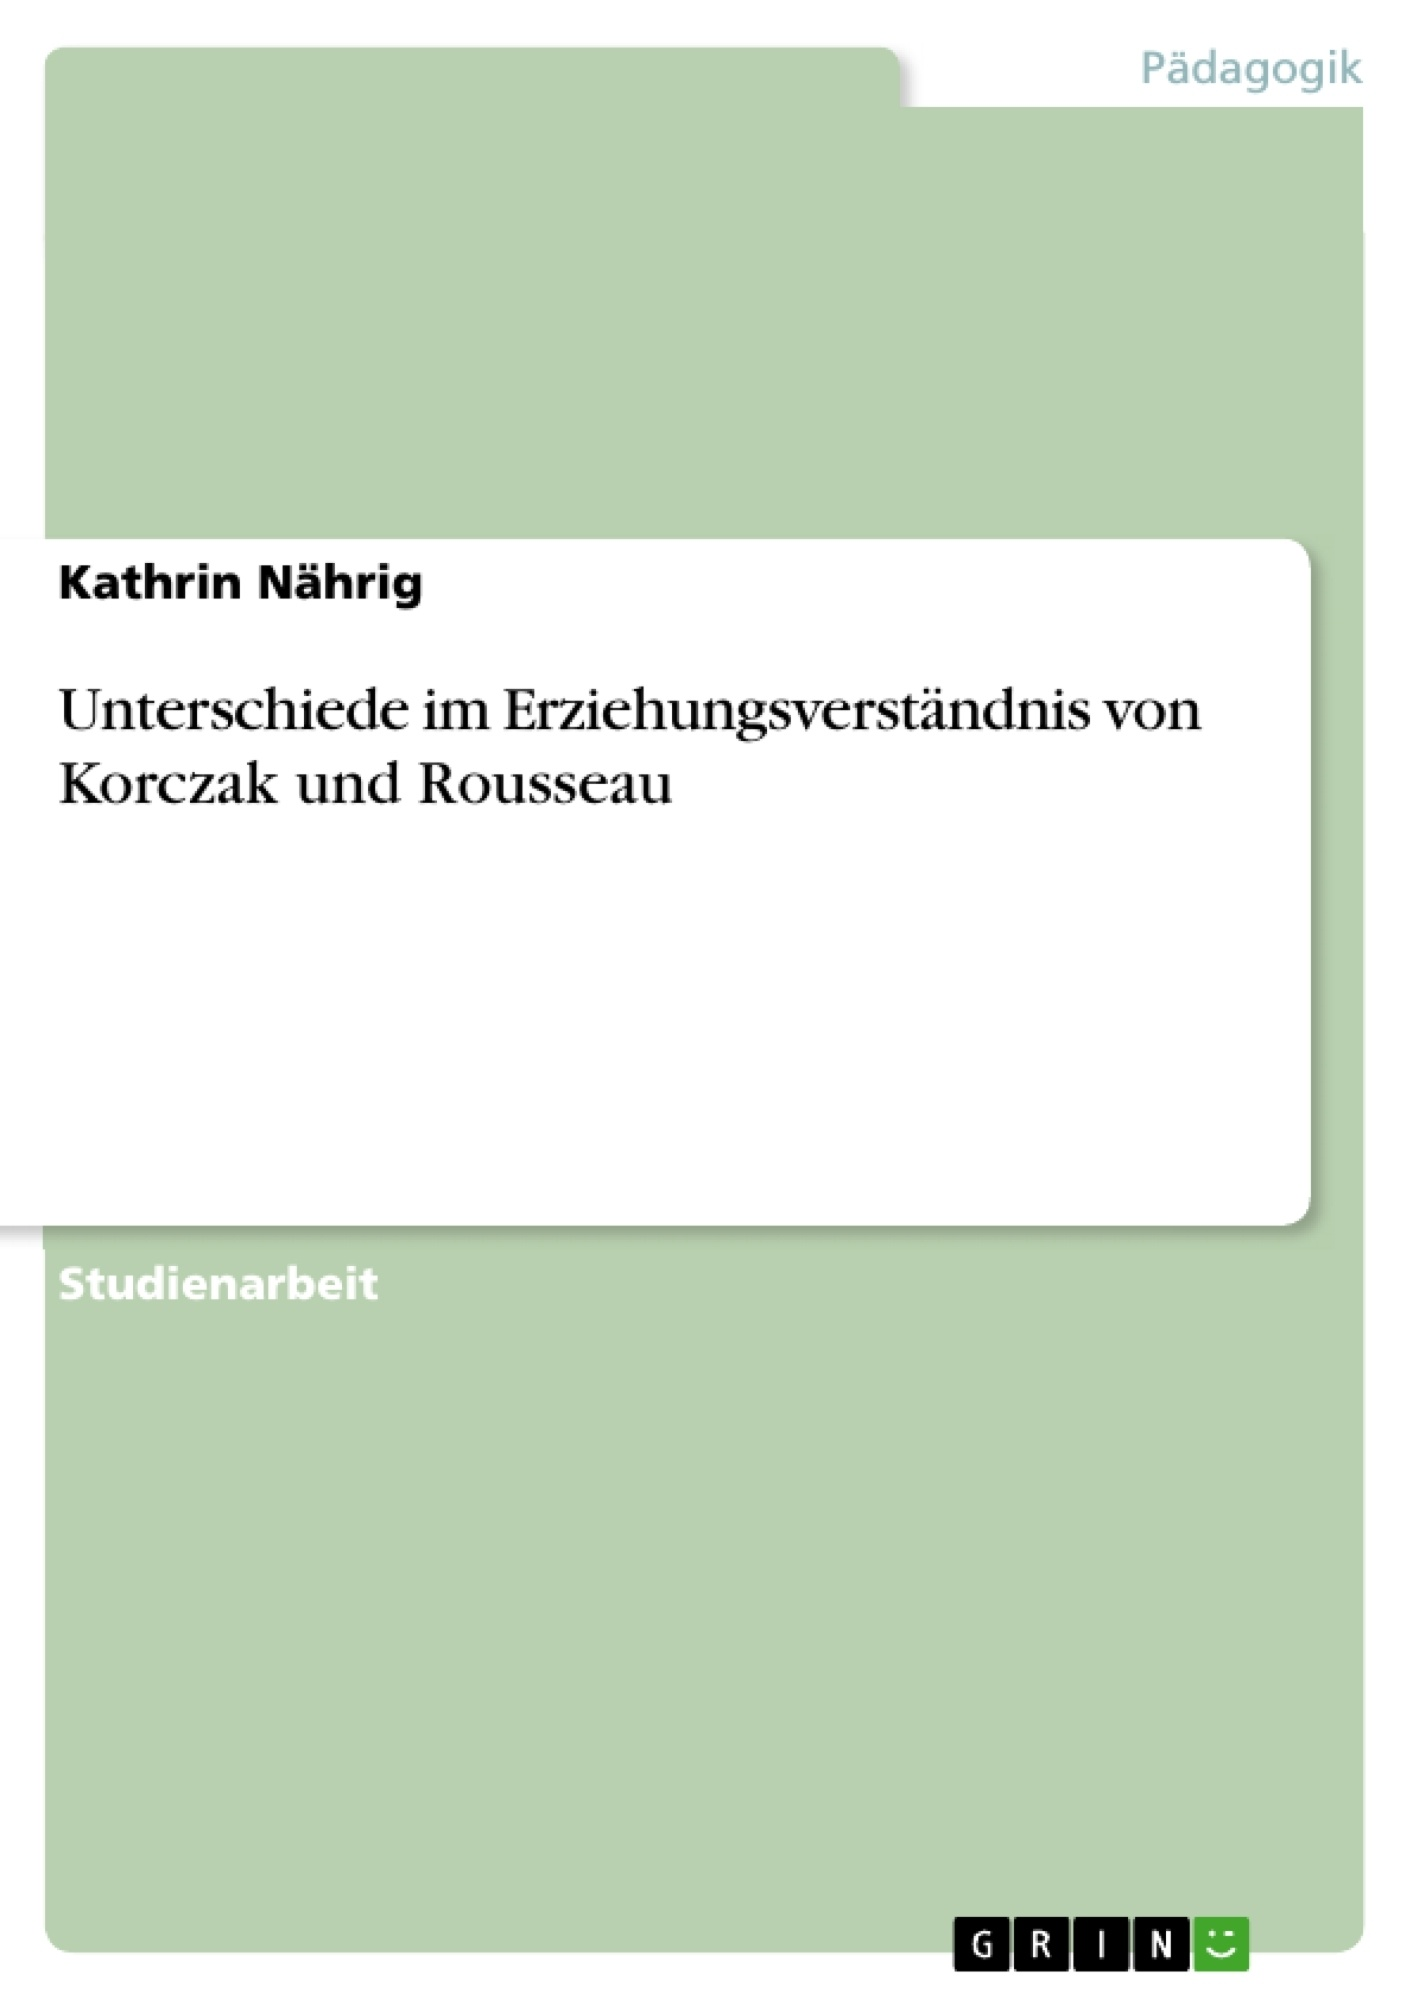 Titel: Unterschiede im Erziehungsverständnis von Korczak und Rousseau